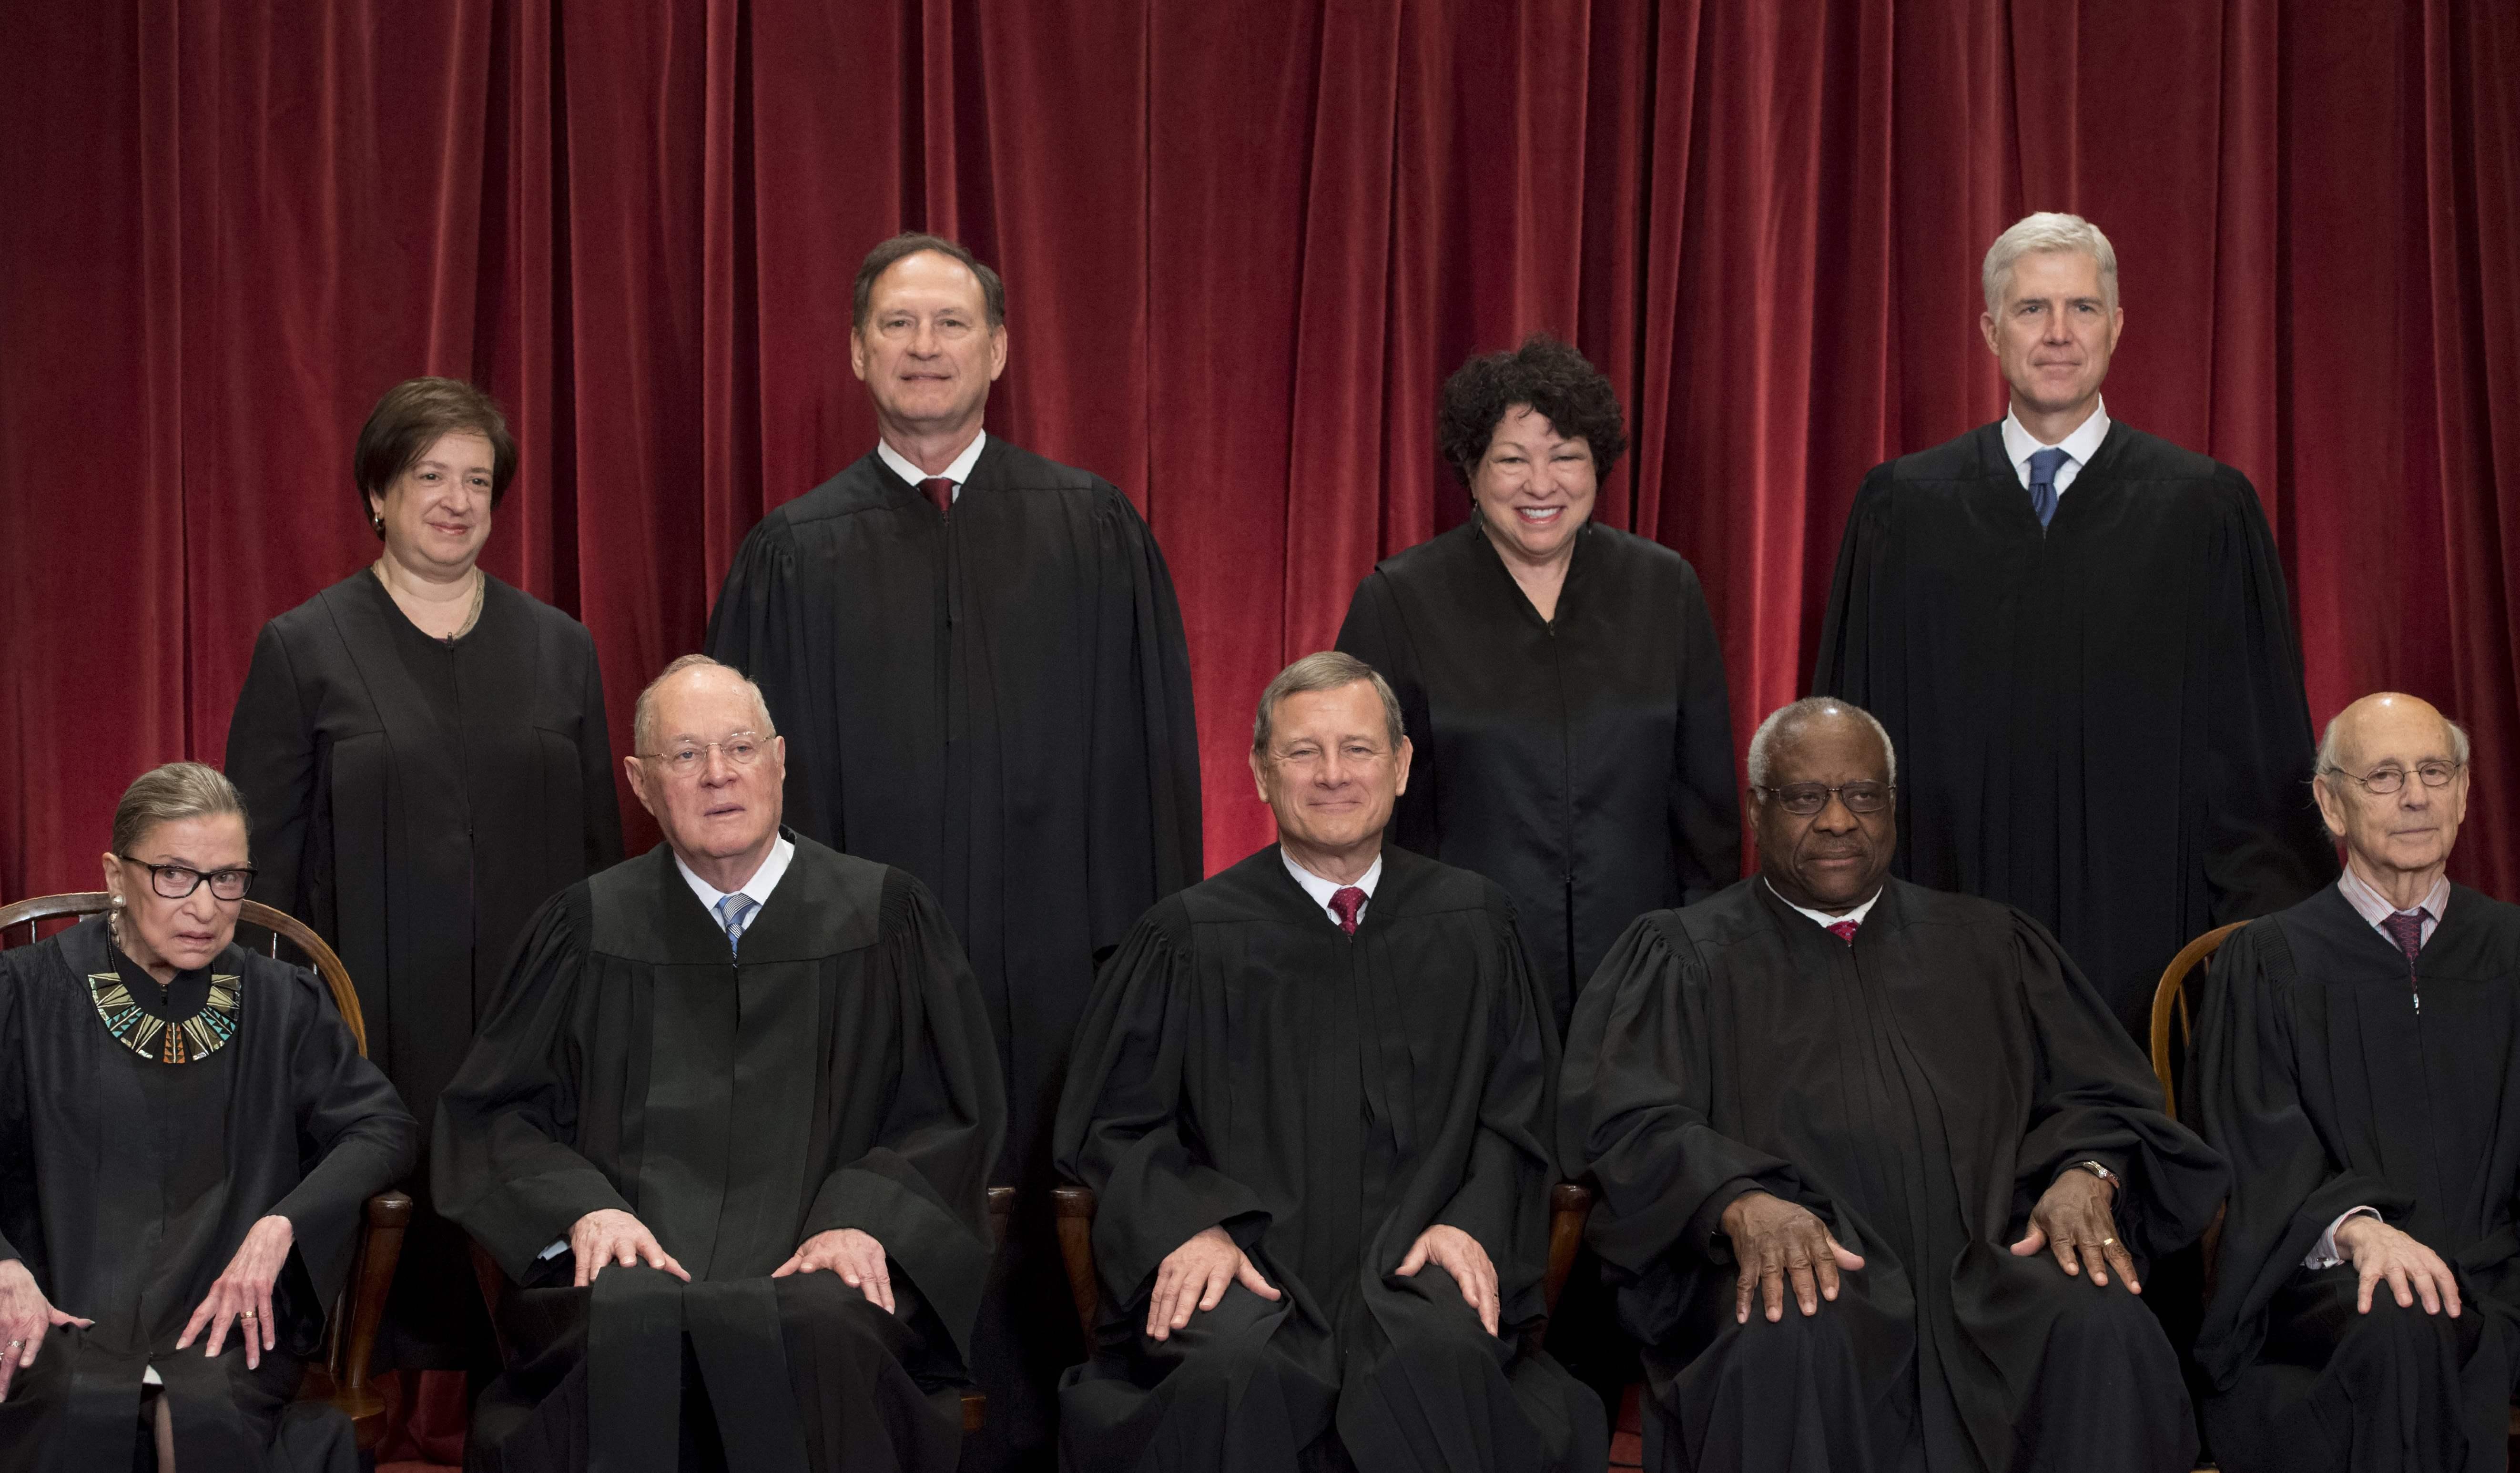 經常投下中間關鍵票的大法官甘迺迪(前排左二)退休,川普總統提名的繼任人選,對美國將產生重大影響。(Getty Images)